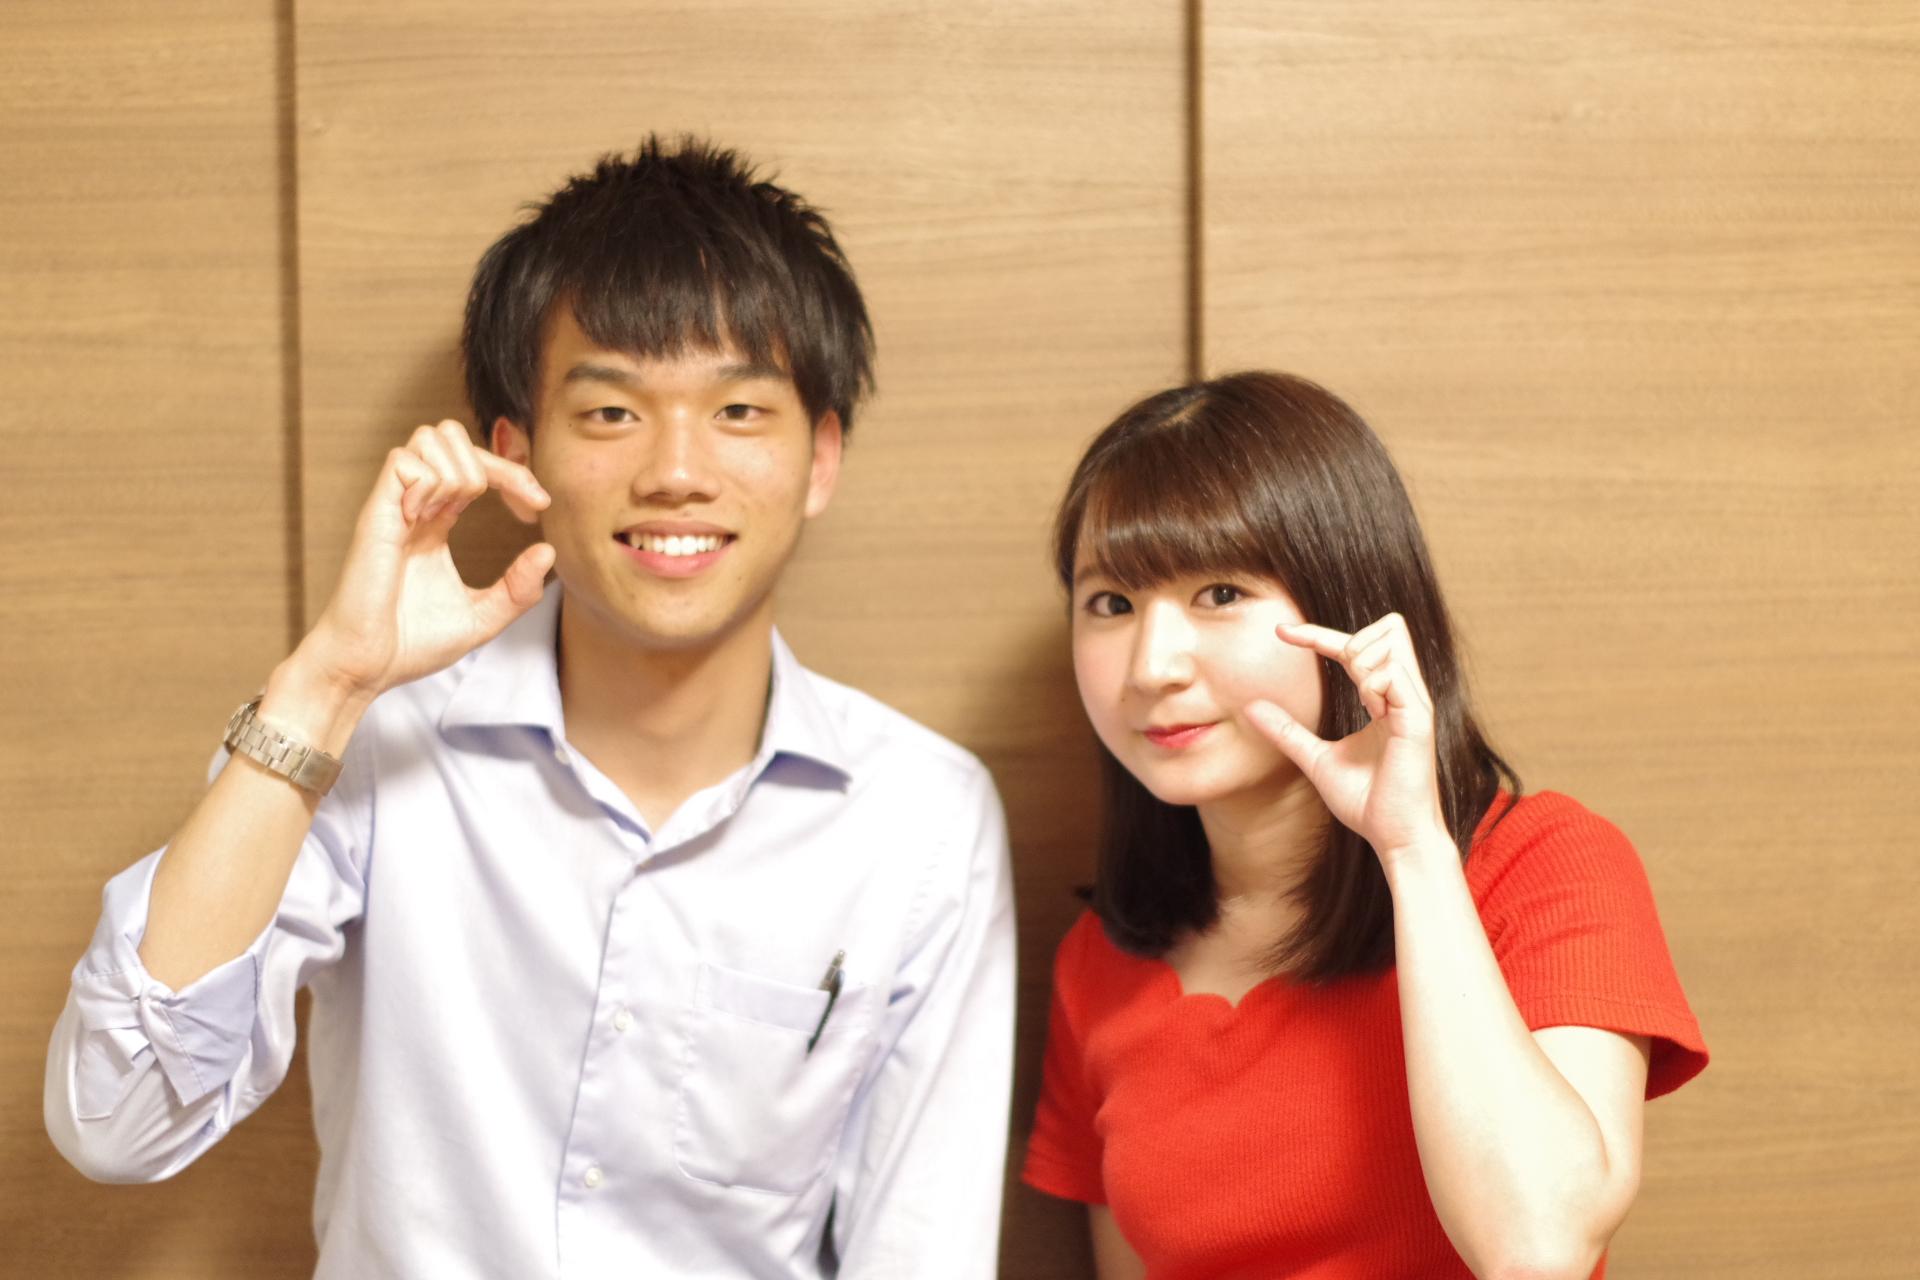 【合格体験記】「もう次はない」ラスト1ヶ月の猛勉強で平田ゆいさんが合格したワケ。